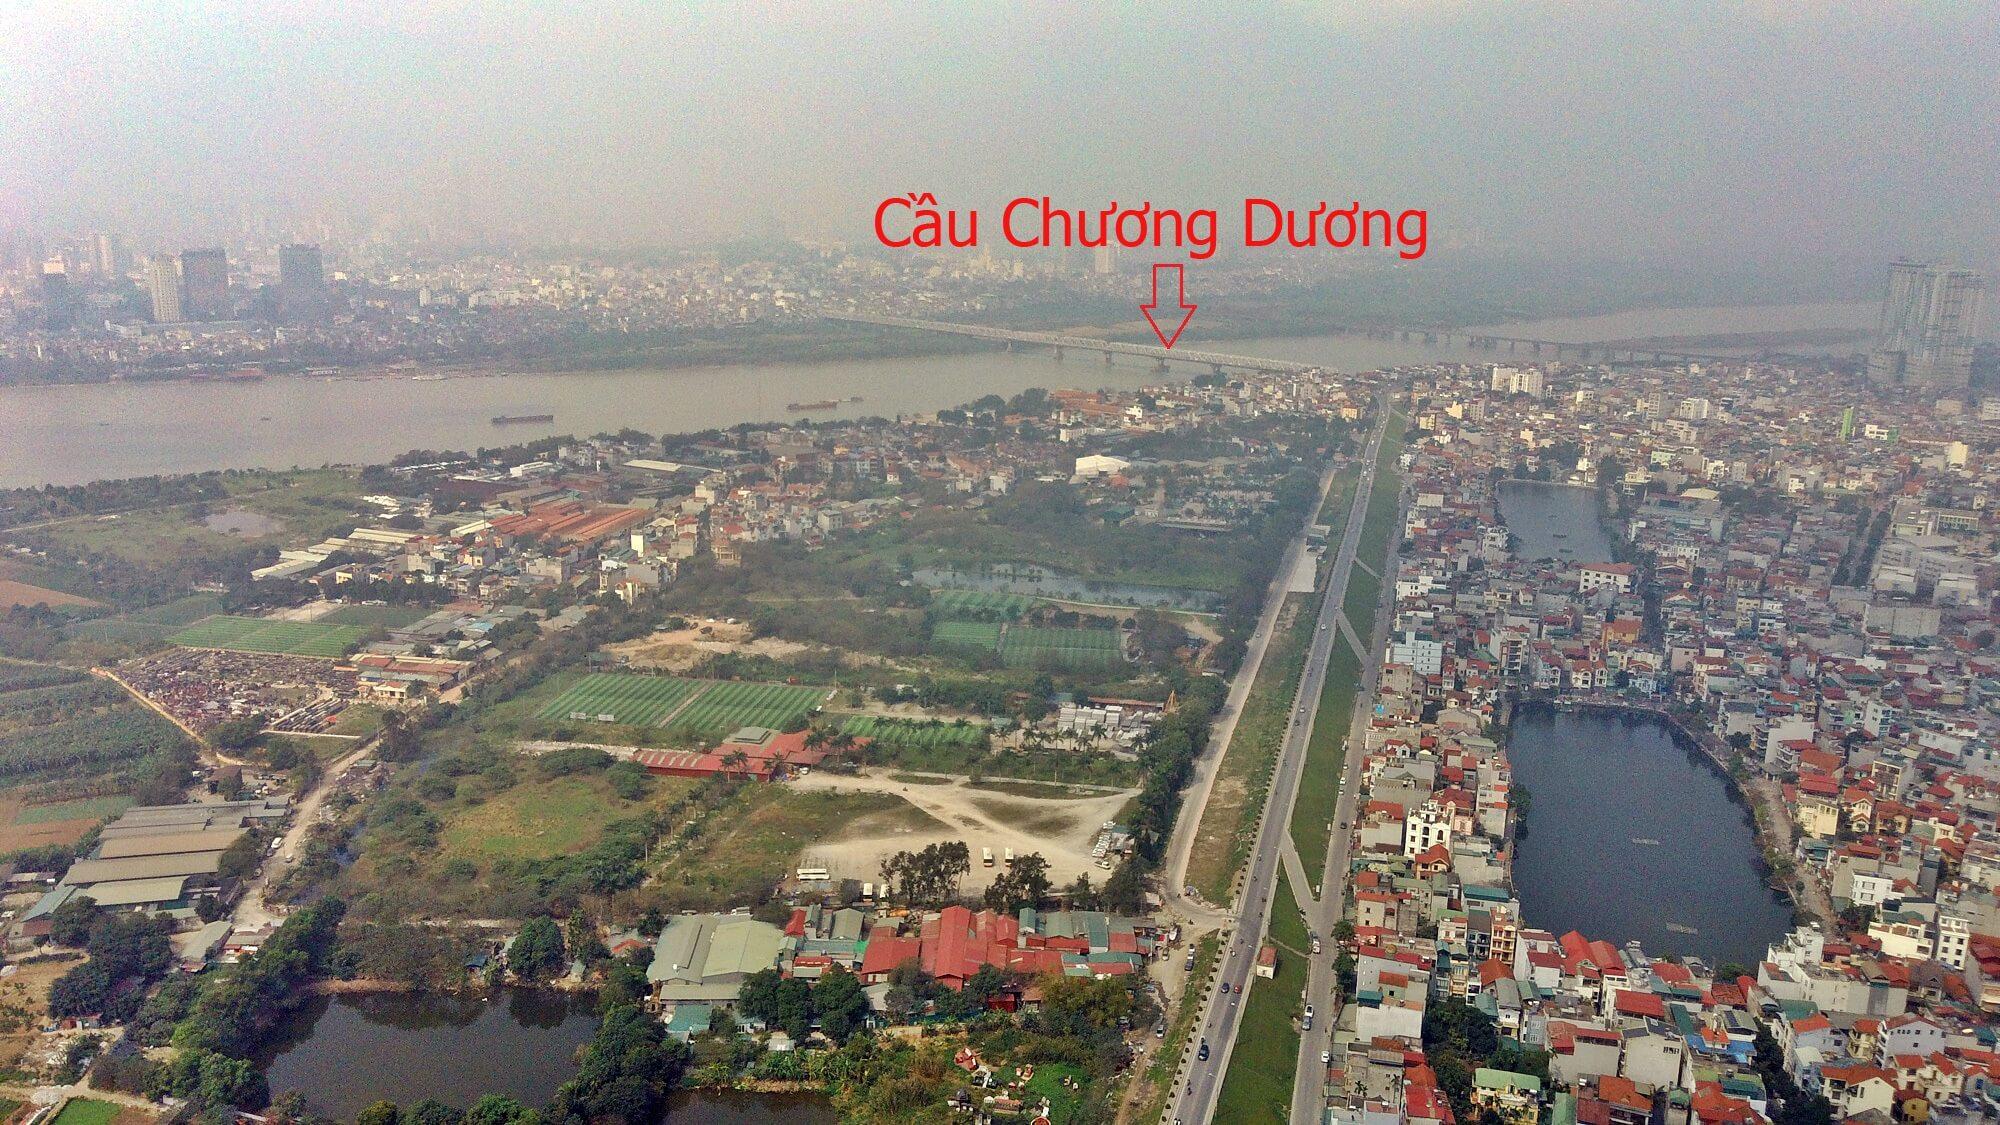 Hầm/cầu Trần Hưng Đạo được kỳ vọng sẽ giảm tải giao thông trực tiếp cho các cầu qua sông Hồng hiện nay, đặc biệt là cầu Chương Dương.